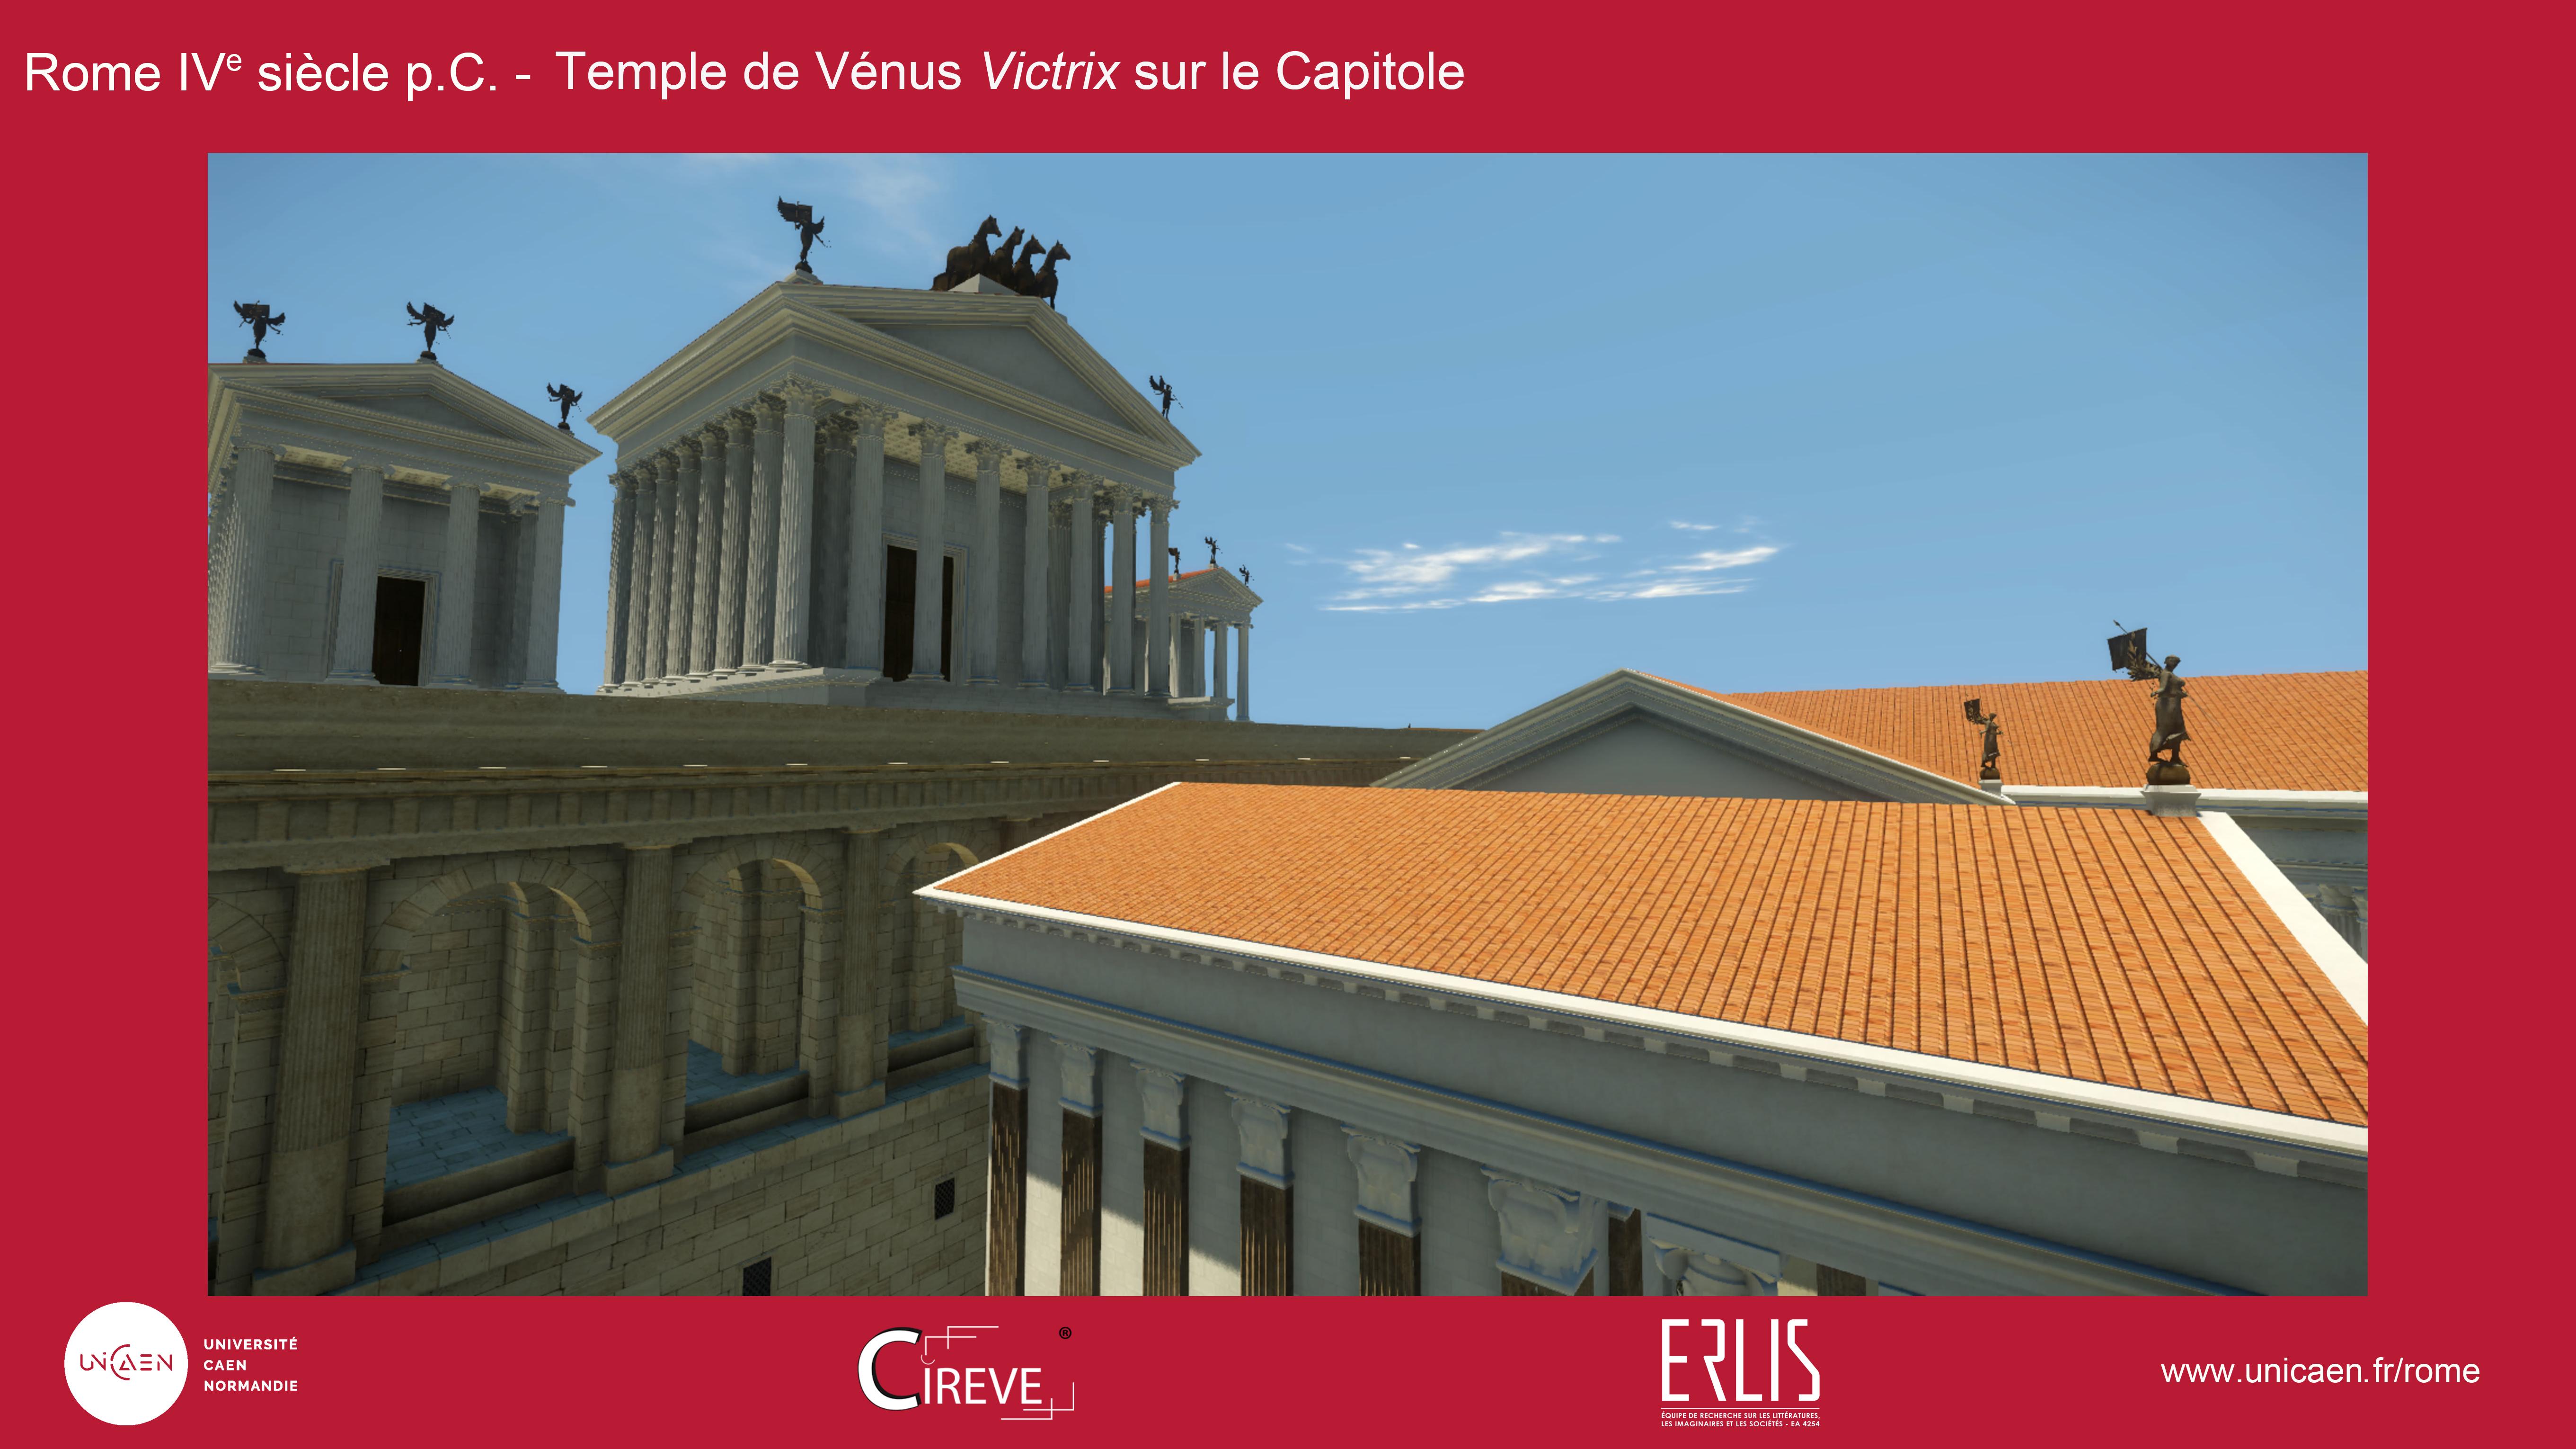 Temple de Vénus Victrix sur le Capitole